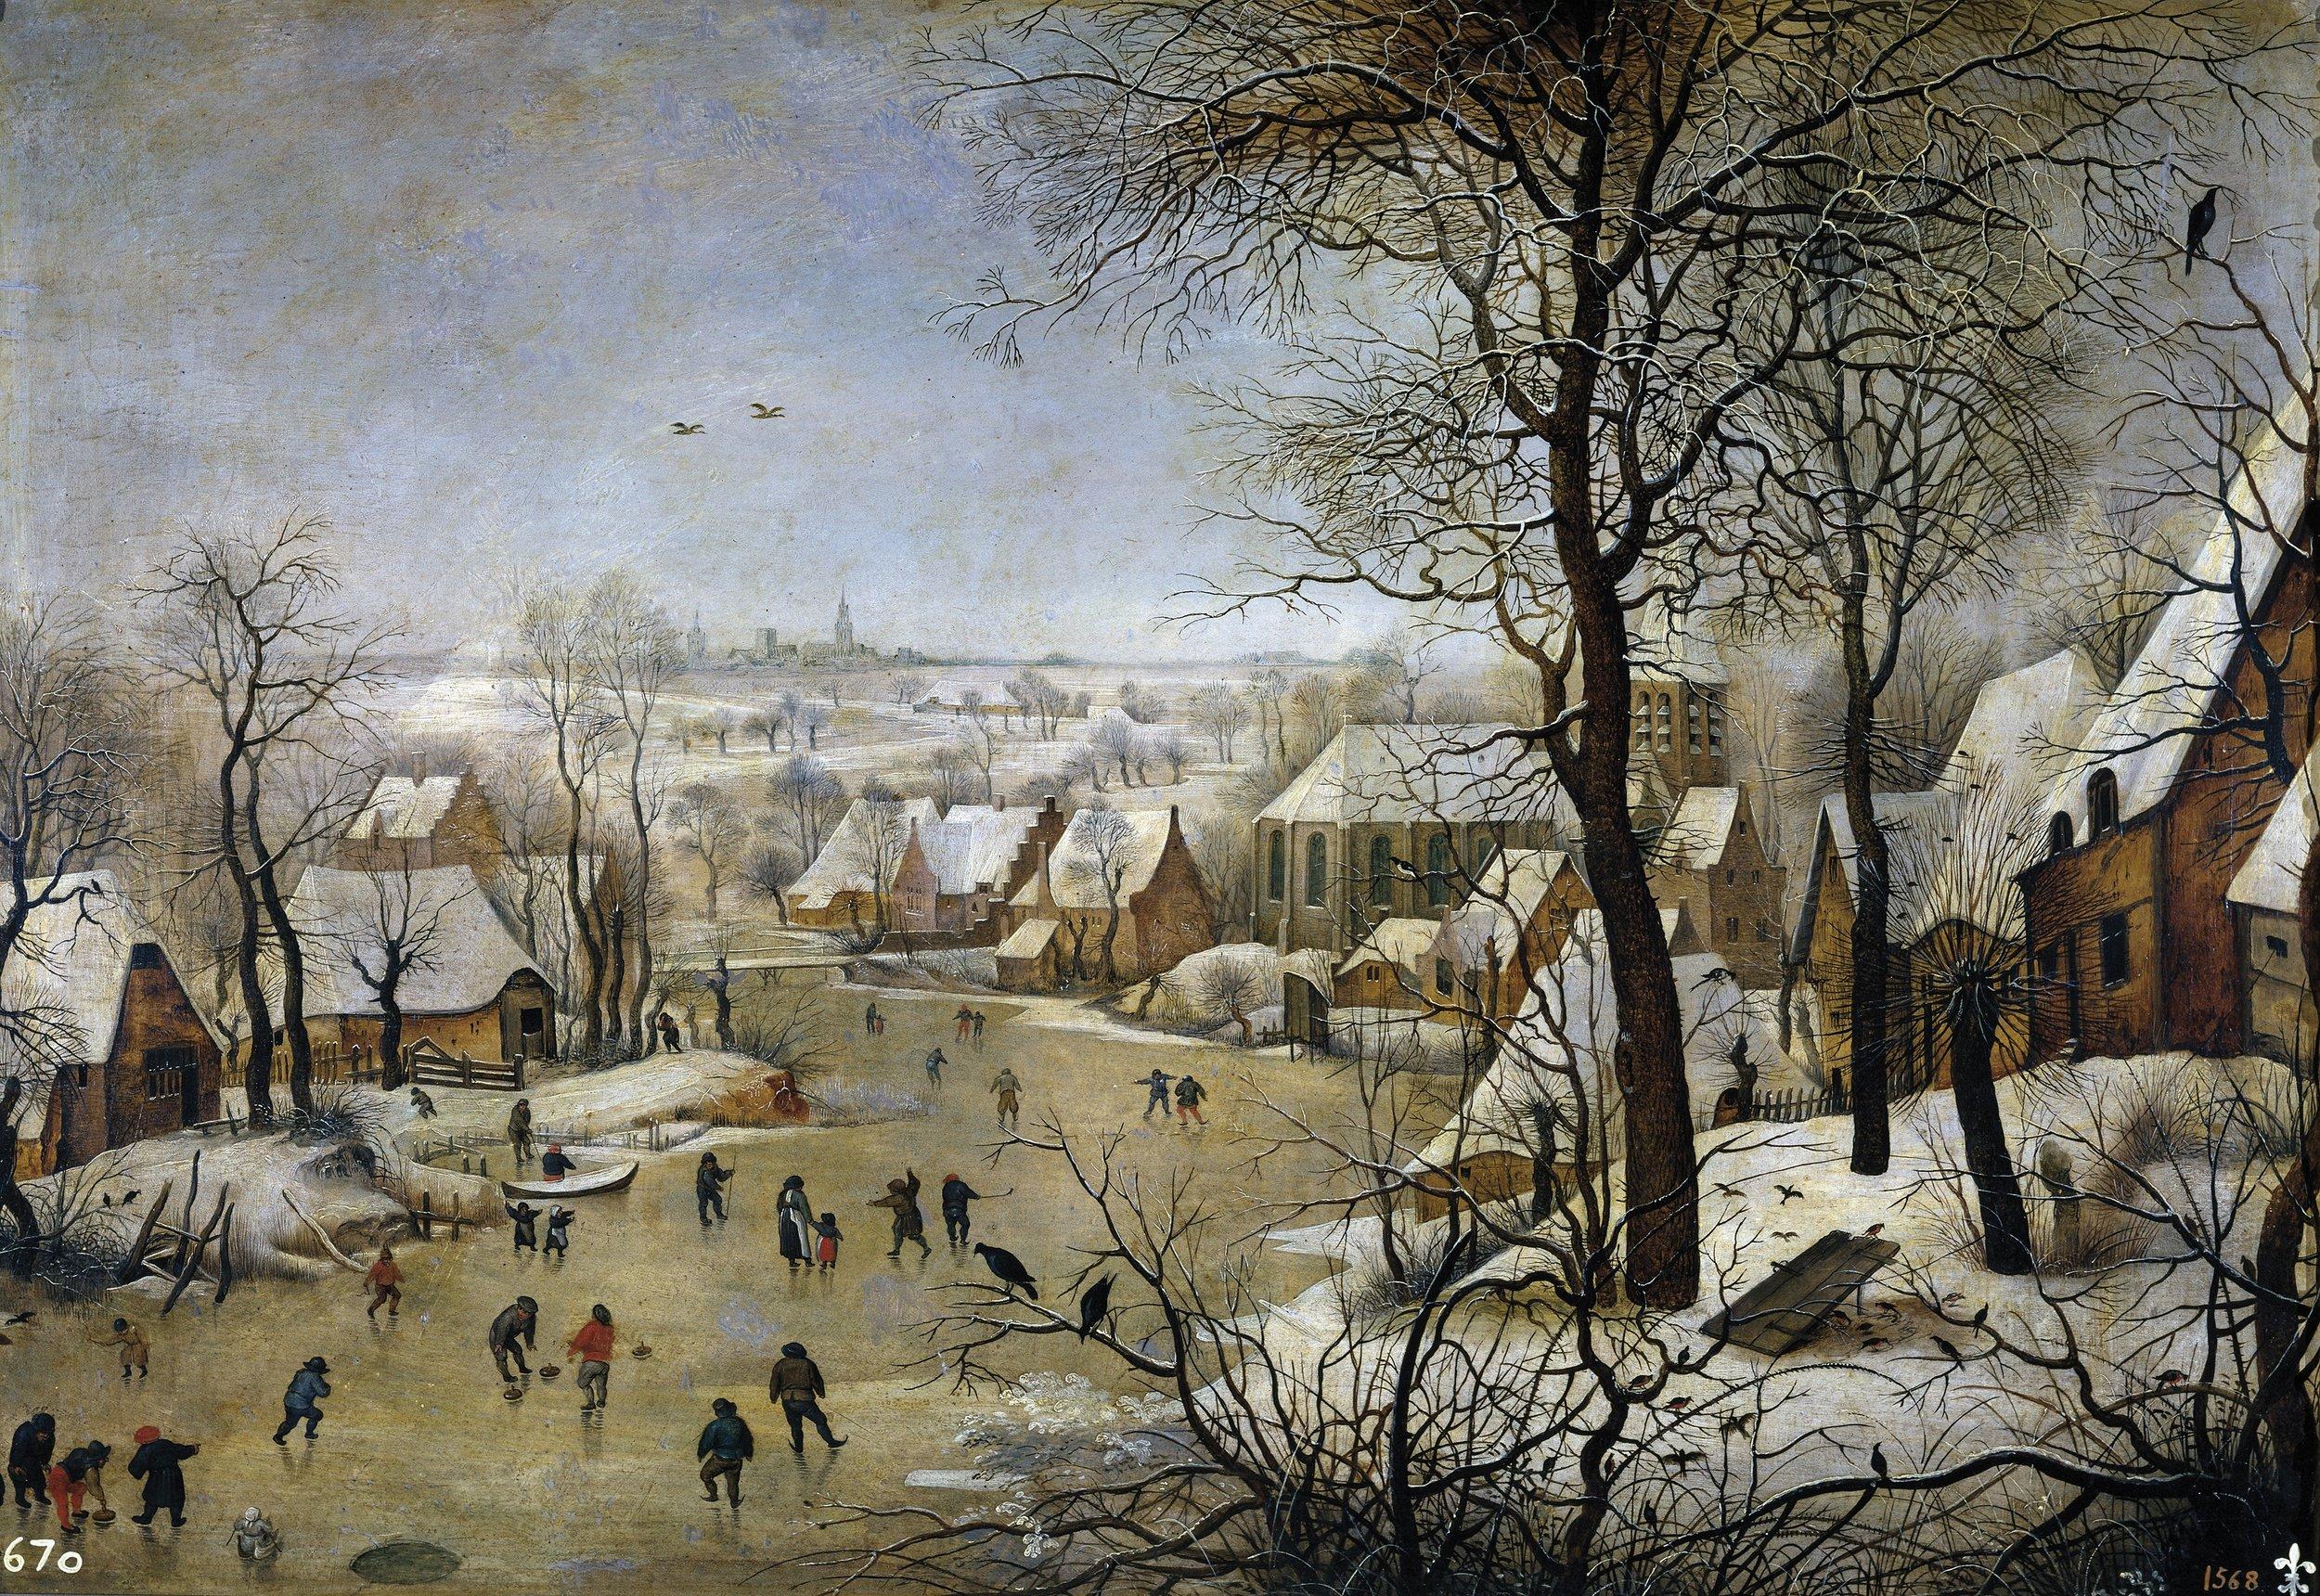 (Pieter Brueghel)